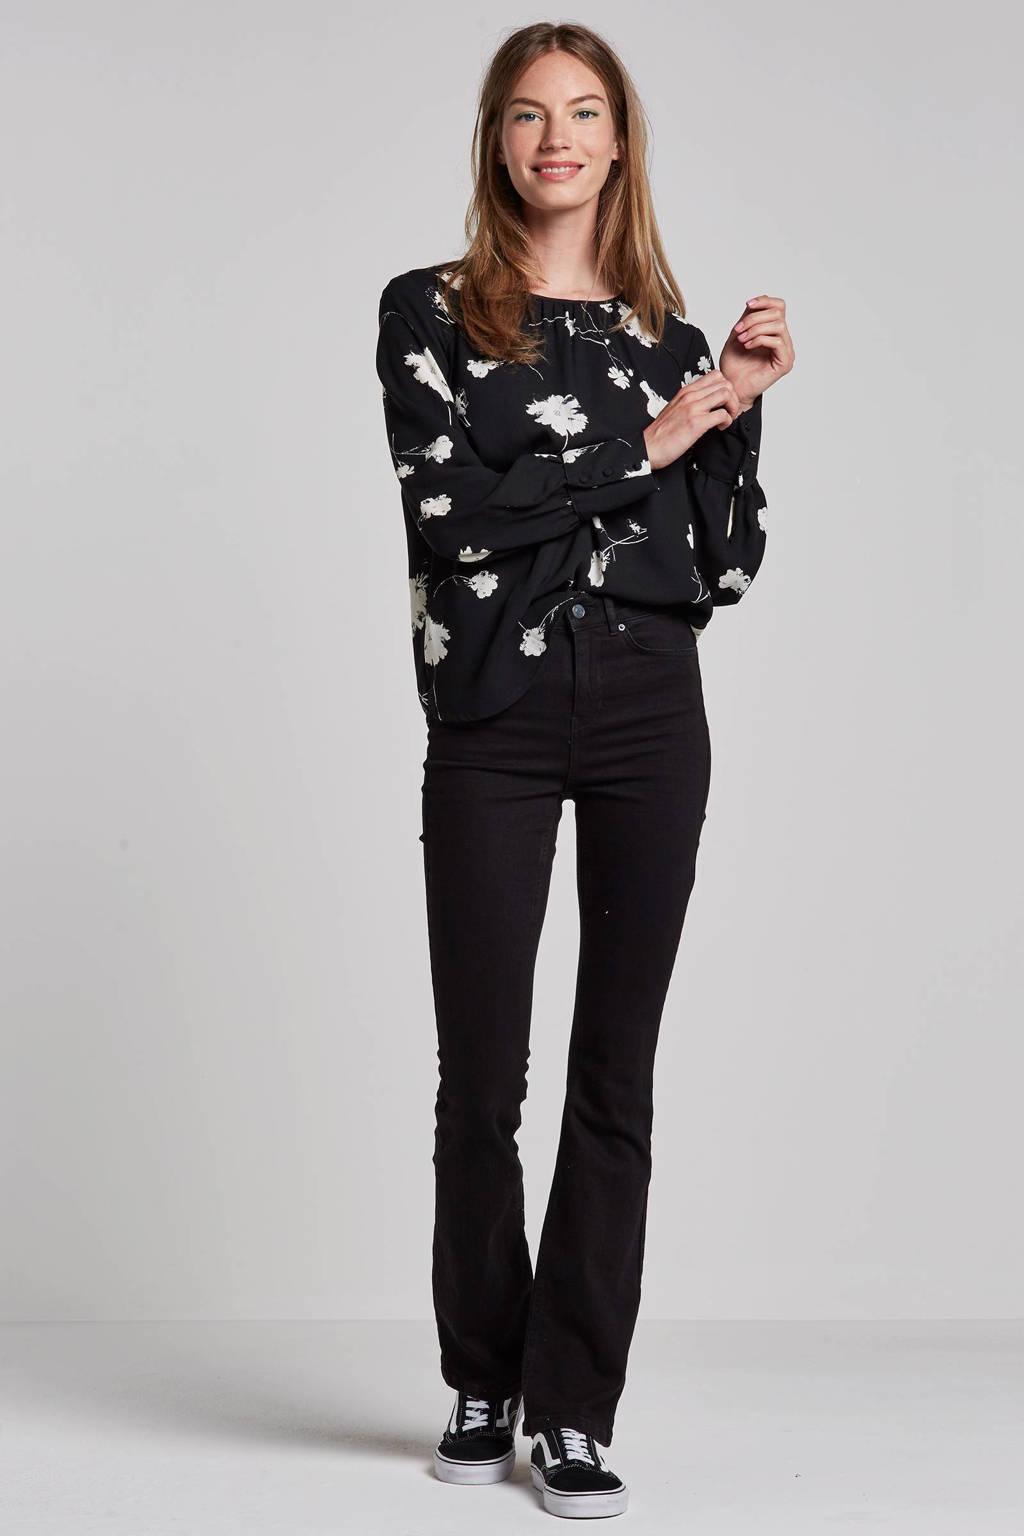 VERO MODA blouse met bloemenprint, Zwart/wit